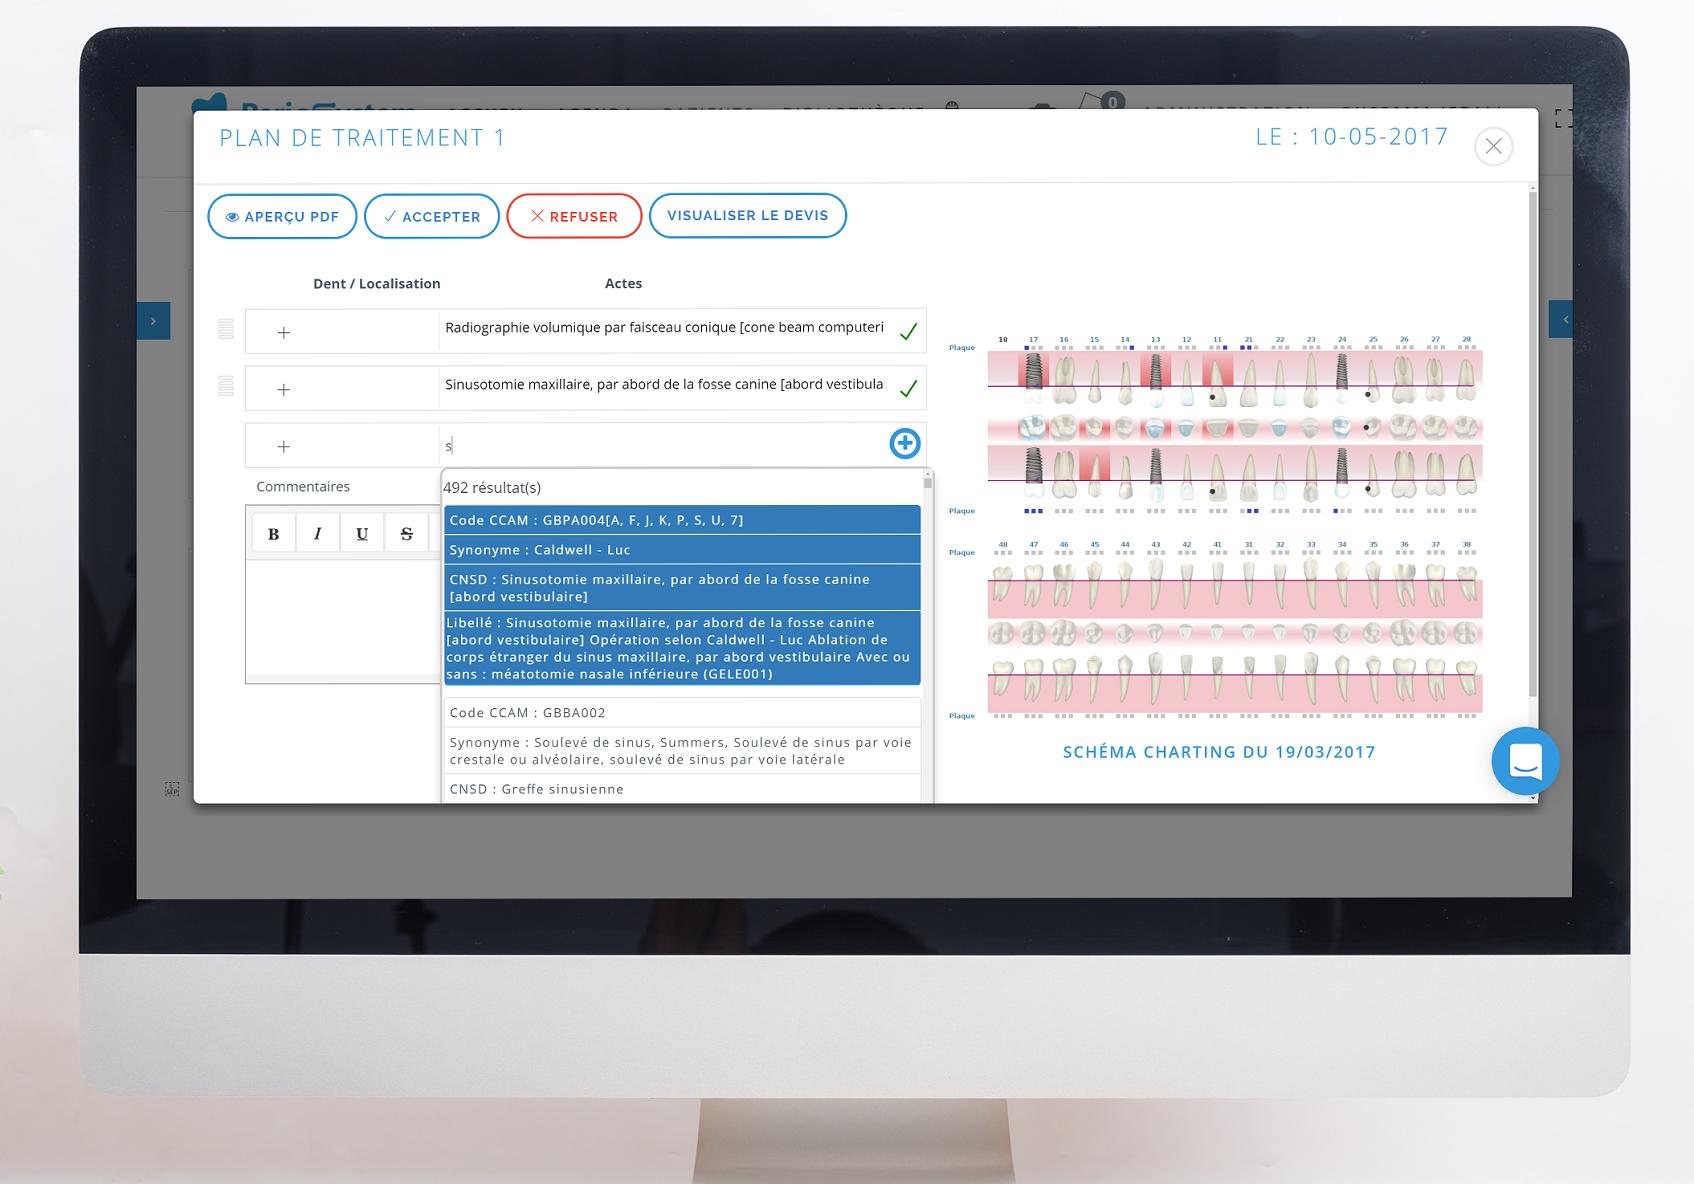 Le plan de traitement via le logiciel en ligne de gestion dentaire PerioSystem